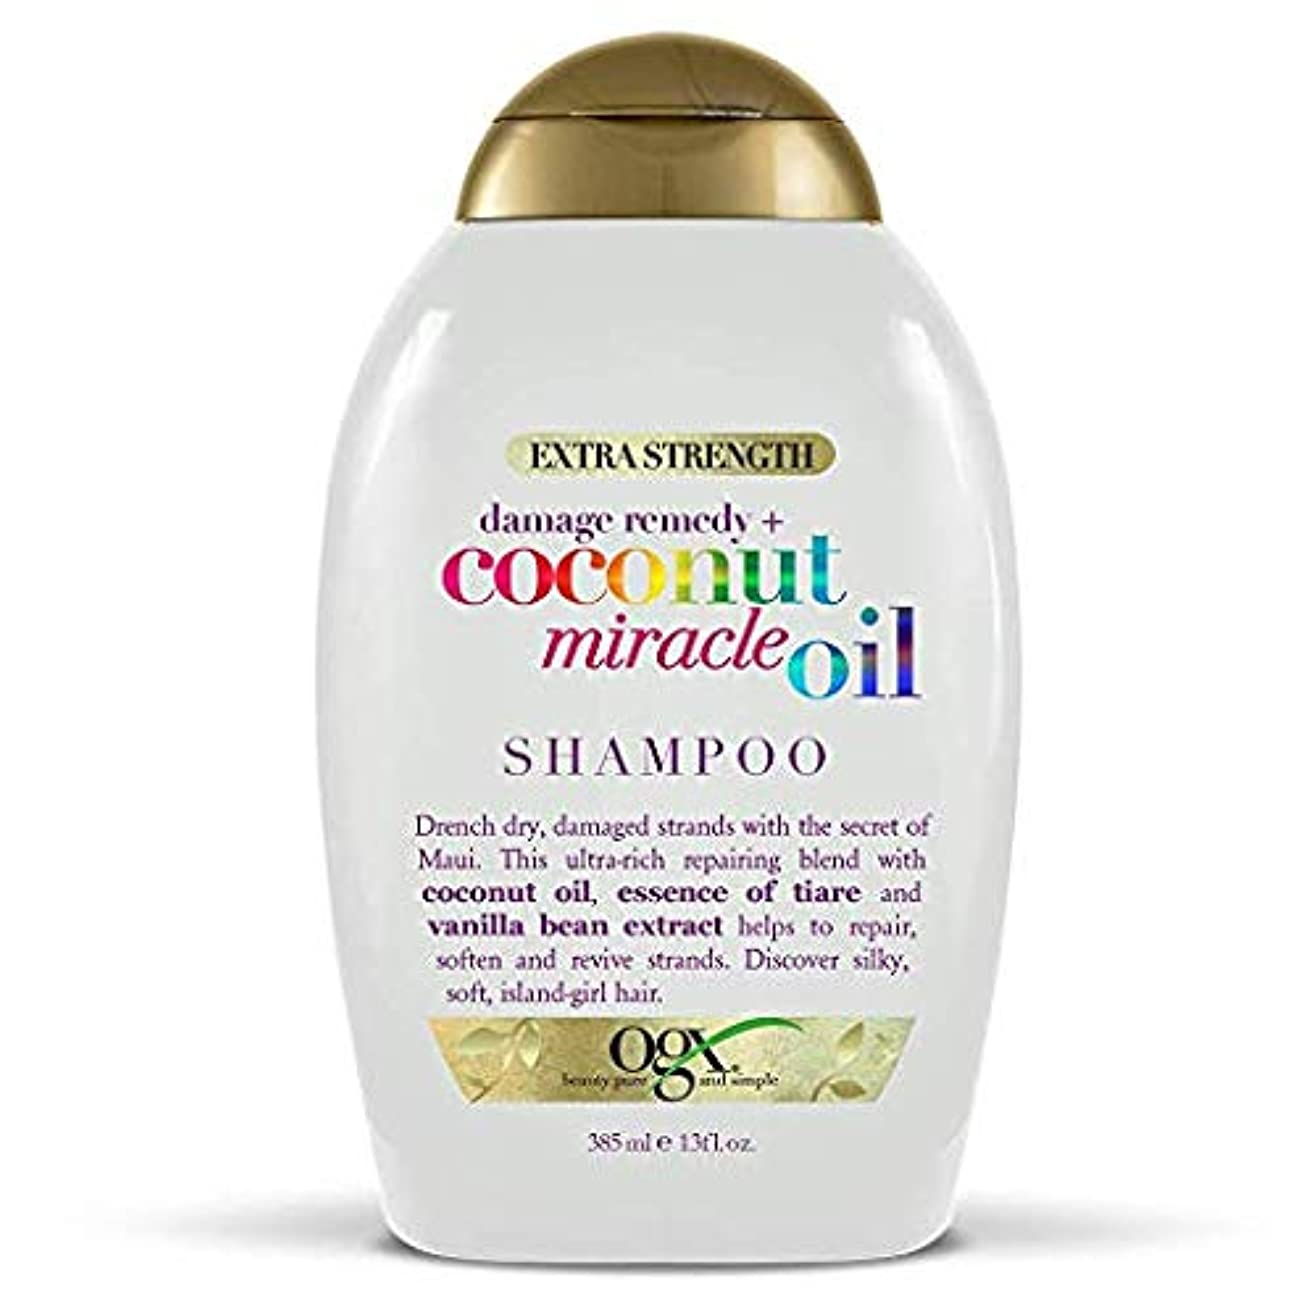 つかまえるモンク救急車Ogx Shampoo Coconut Miracle Oil Extra Strength 13oz OGX ココナッツミラクルオイル エクストラストレングス シャンプー 385ml [並行輸入品]